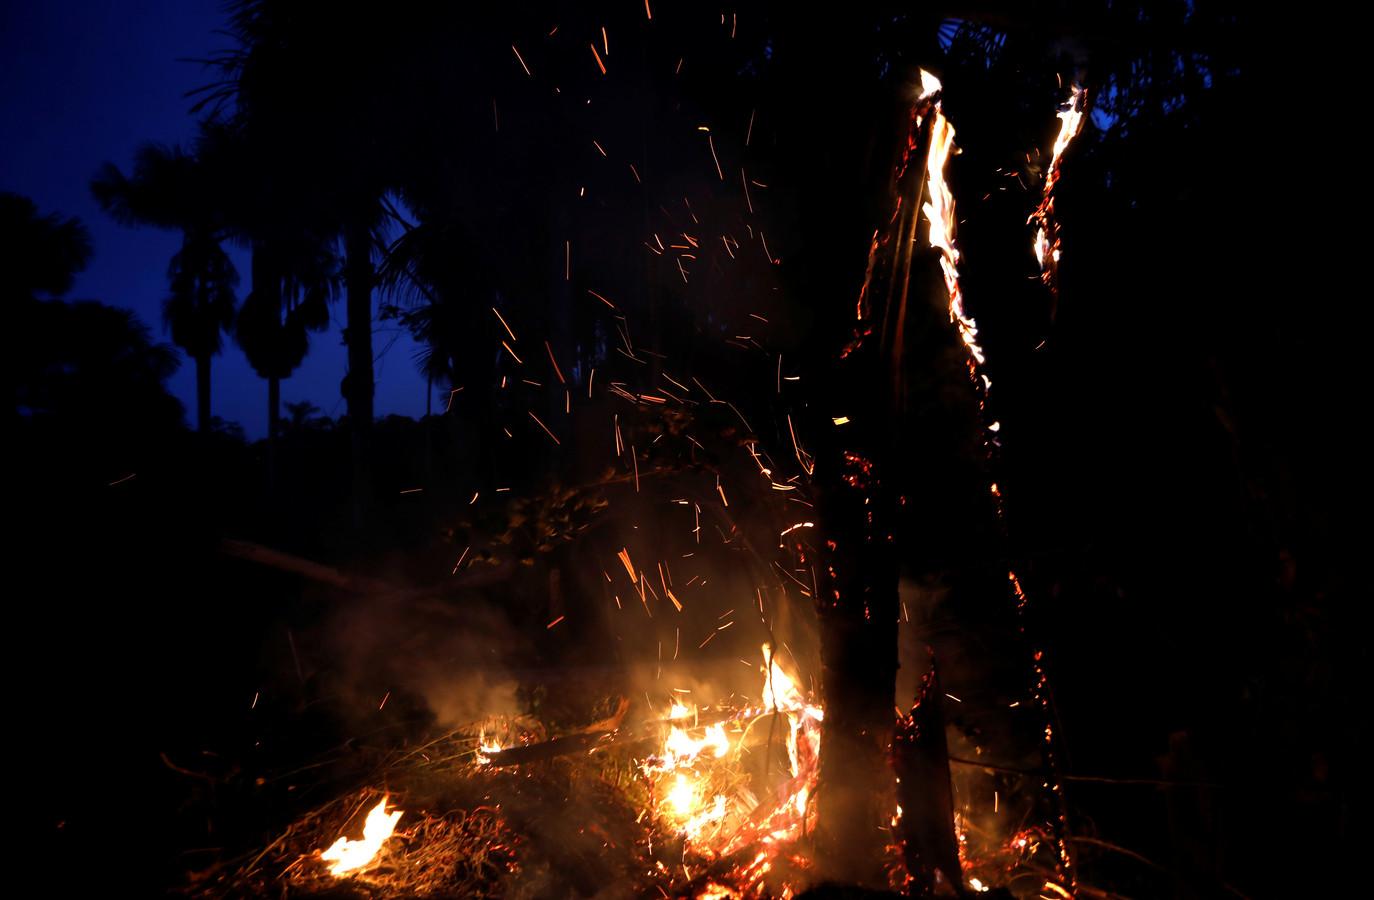 Een brandhaard in de buurt van Iranduba, Brazilië.